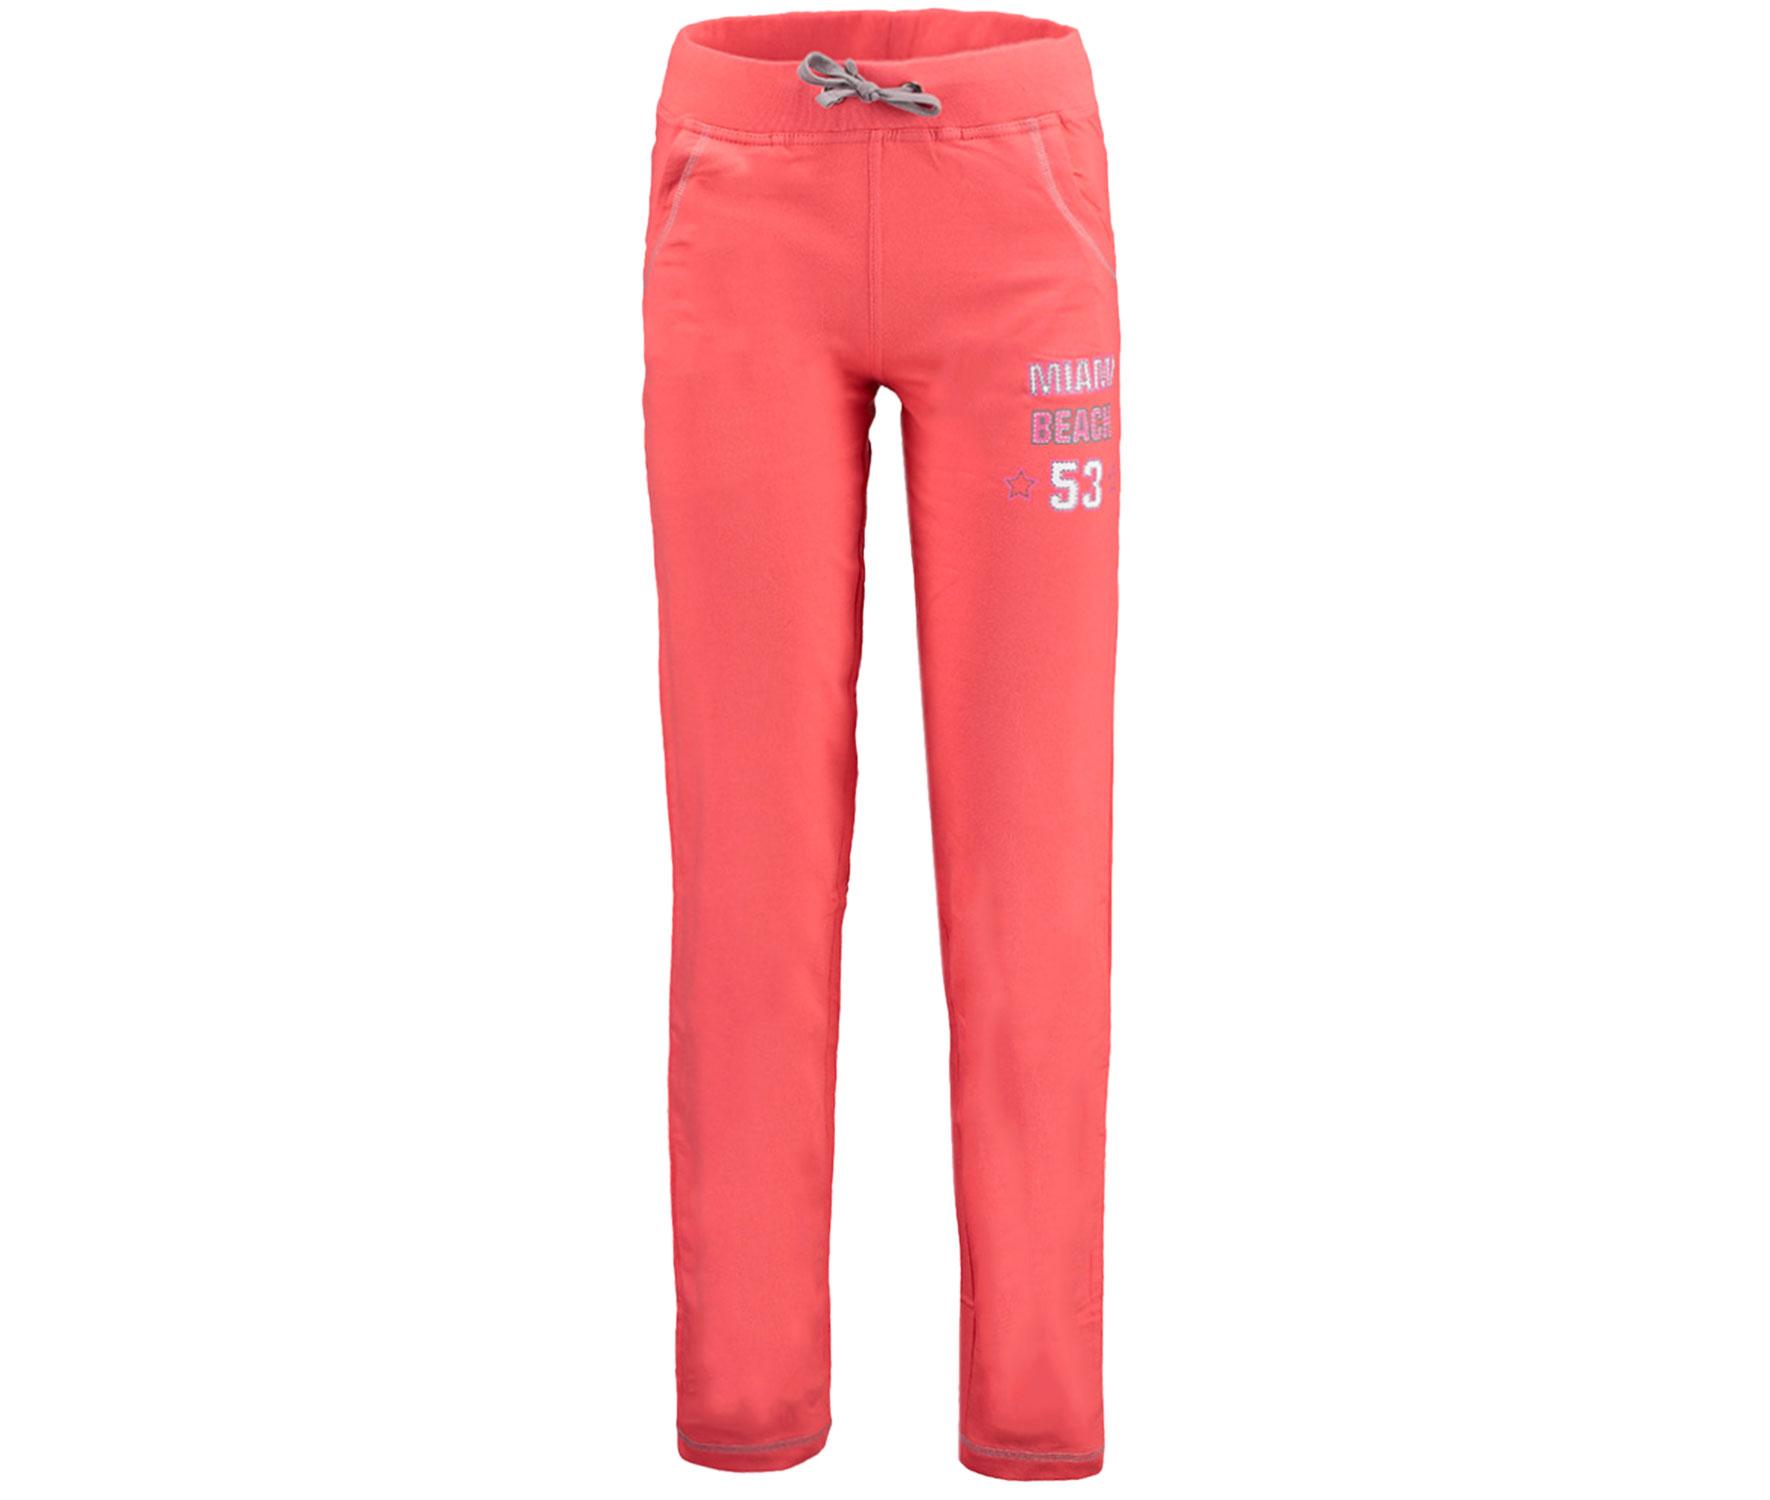 Hosen, Jeans, Shorts für Damen online kaufen › top Marken